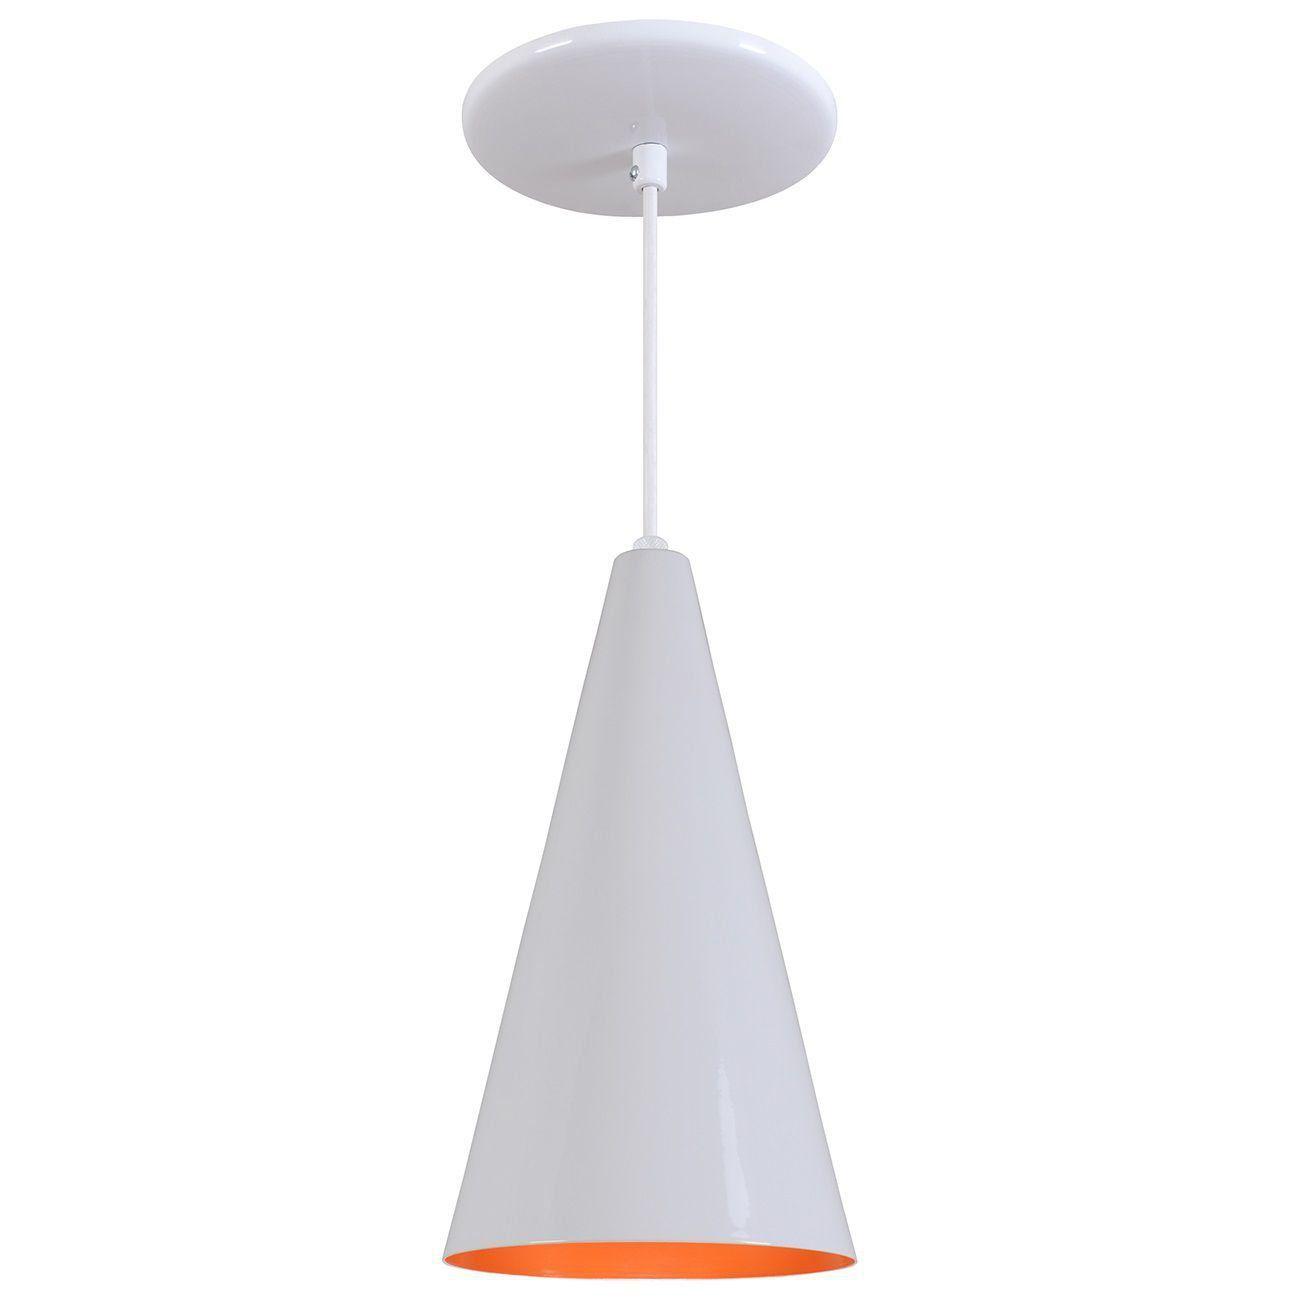 Pendente Cone Luminária Lustre Alumínio Branco Brilhante C/ Laranja - Rei Da Iluminação